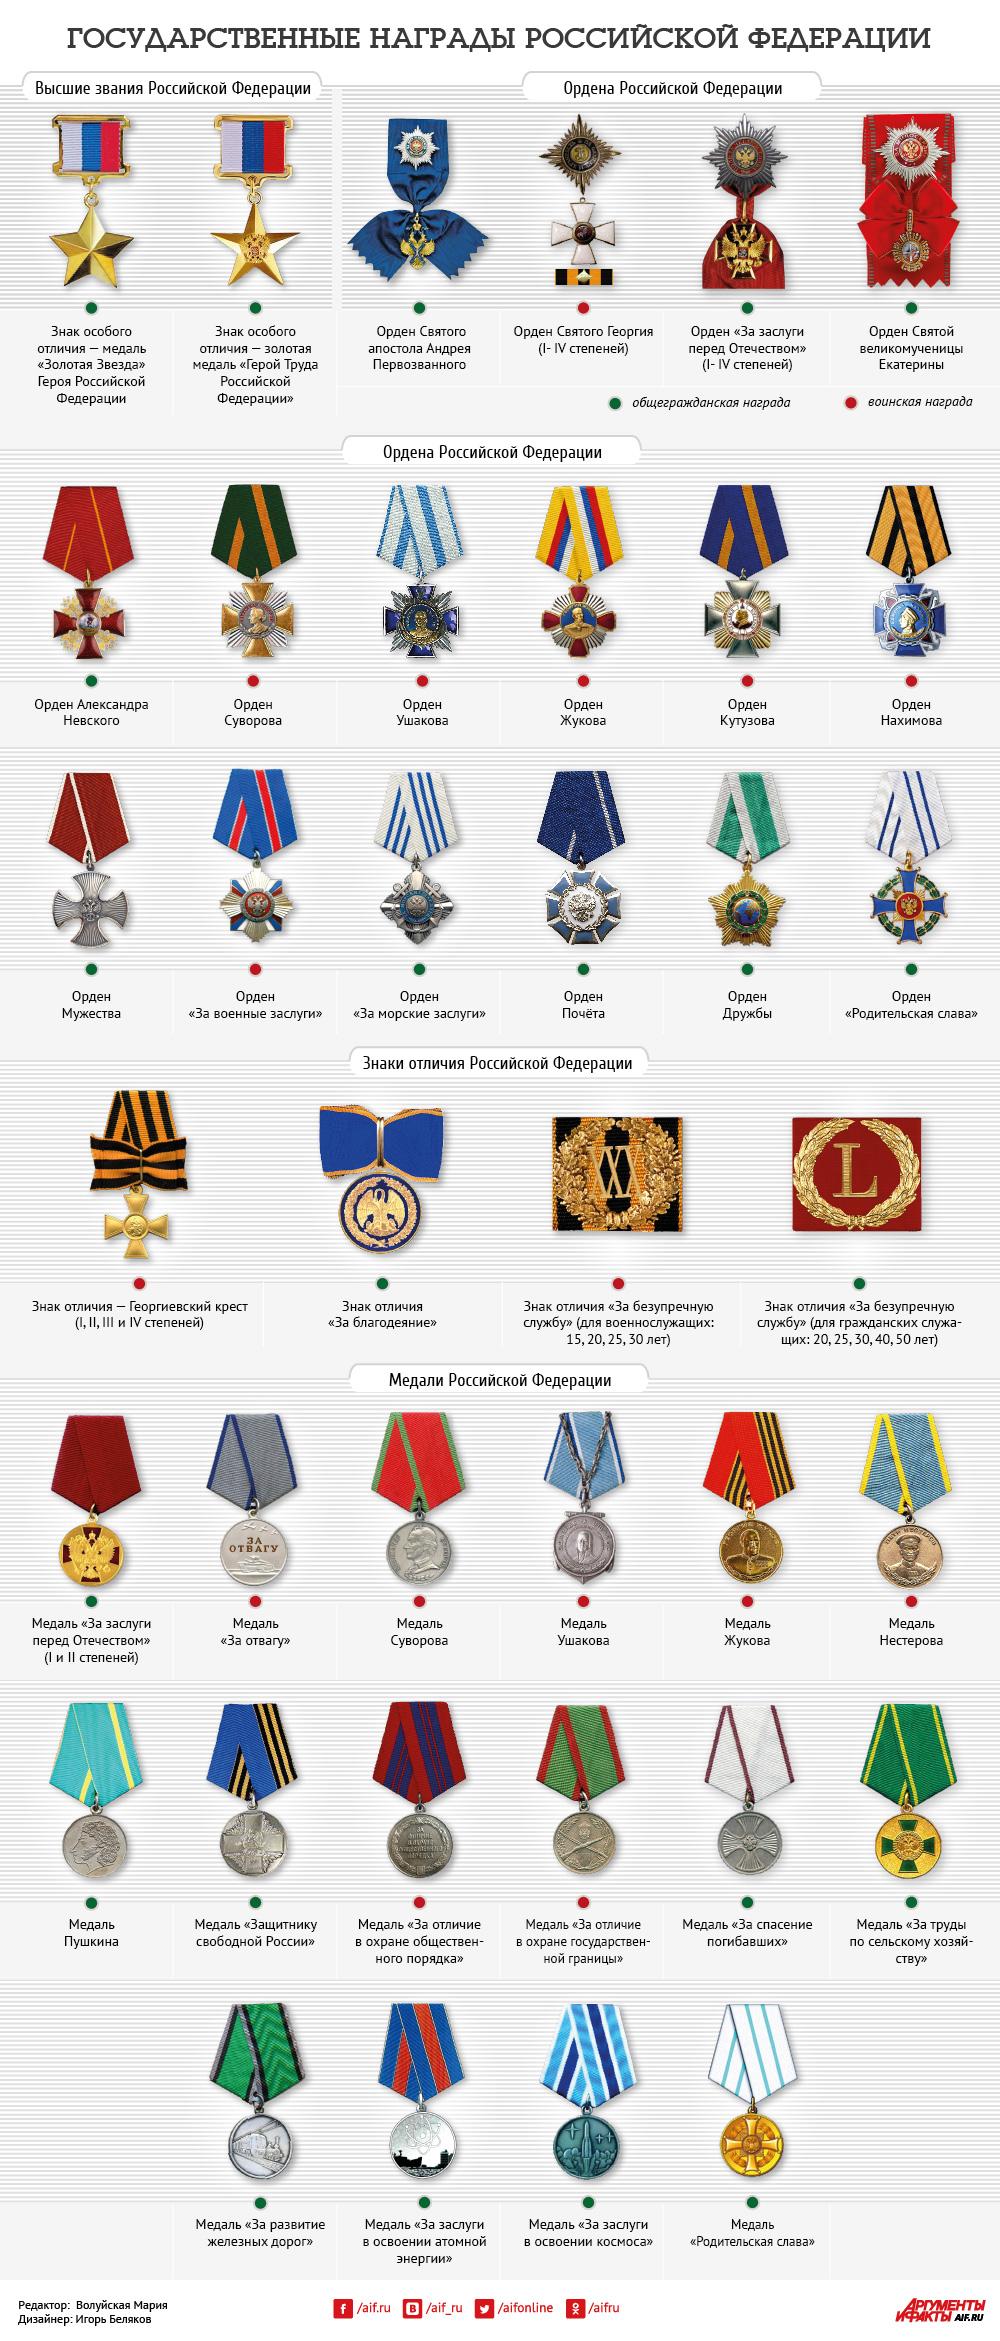 Орден российской федерации